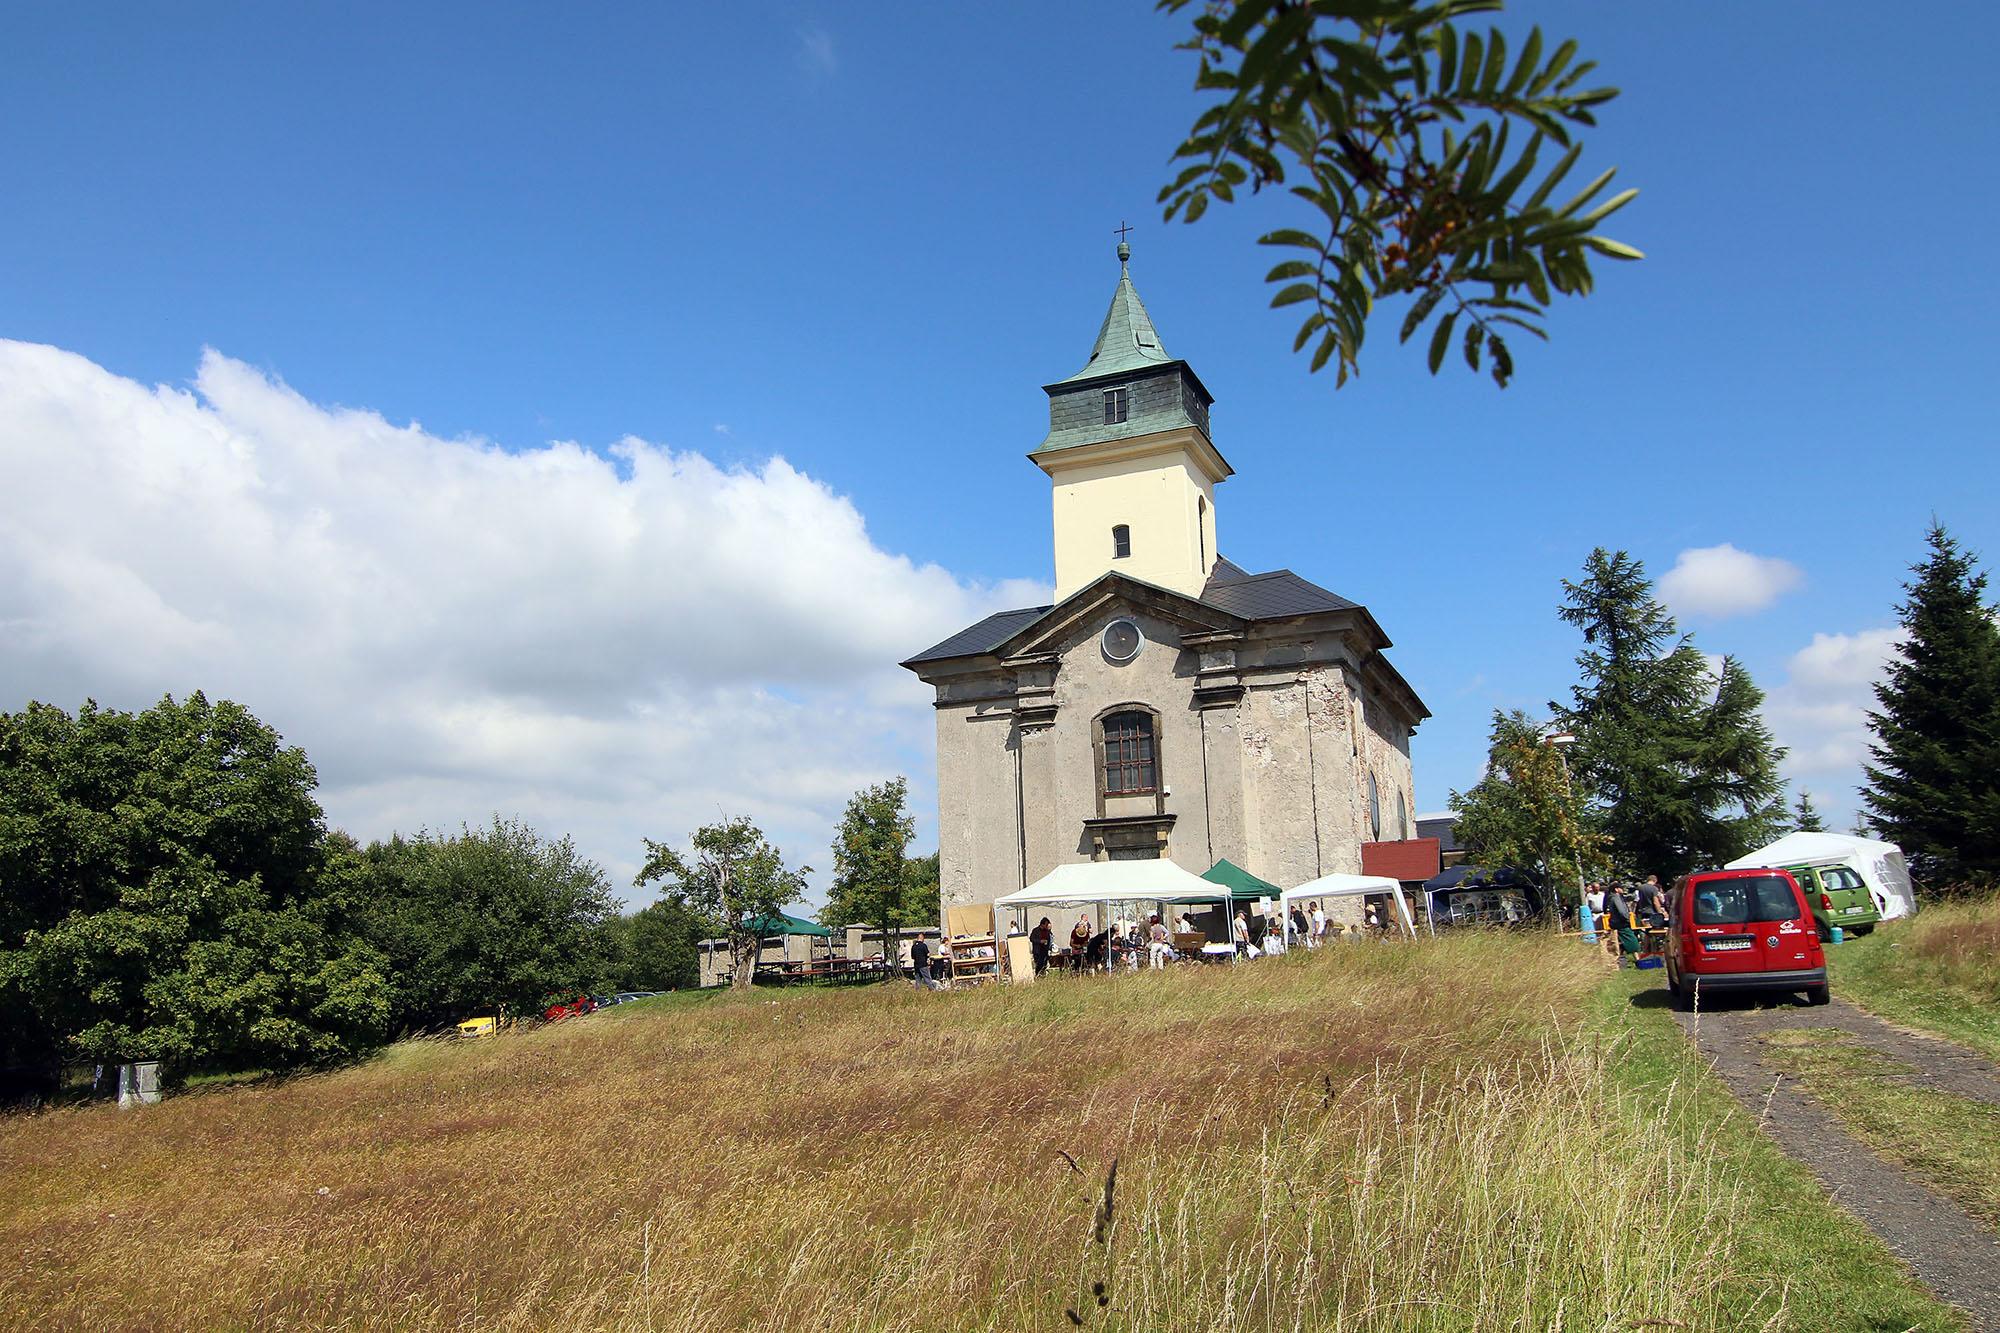 HeuHoj-Camp Special, Teil 2 – Auf Spurensuche in der Landschaft: Dokumentation der Geschichte des Osterzgebirges nach 1945